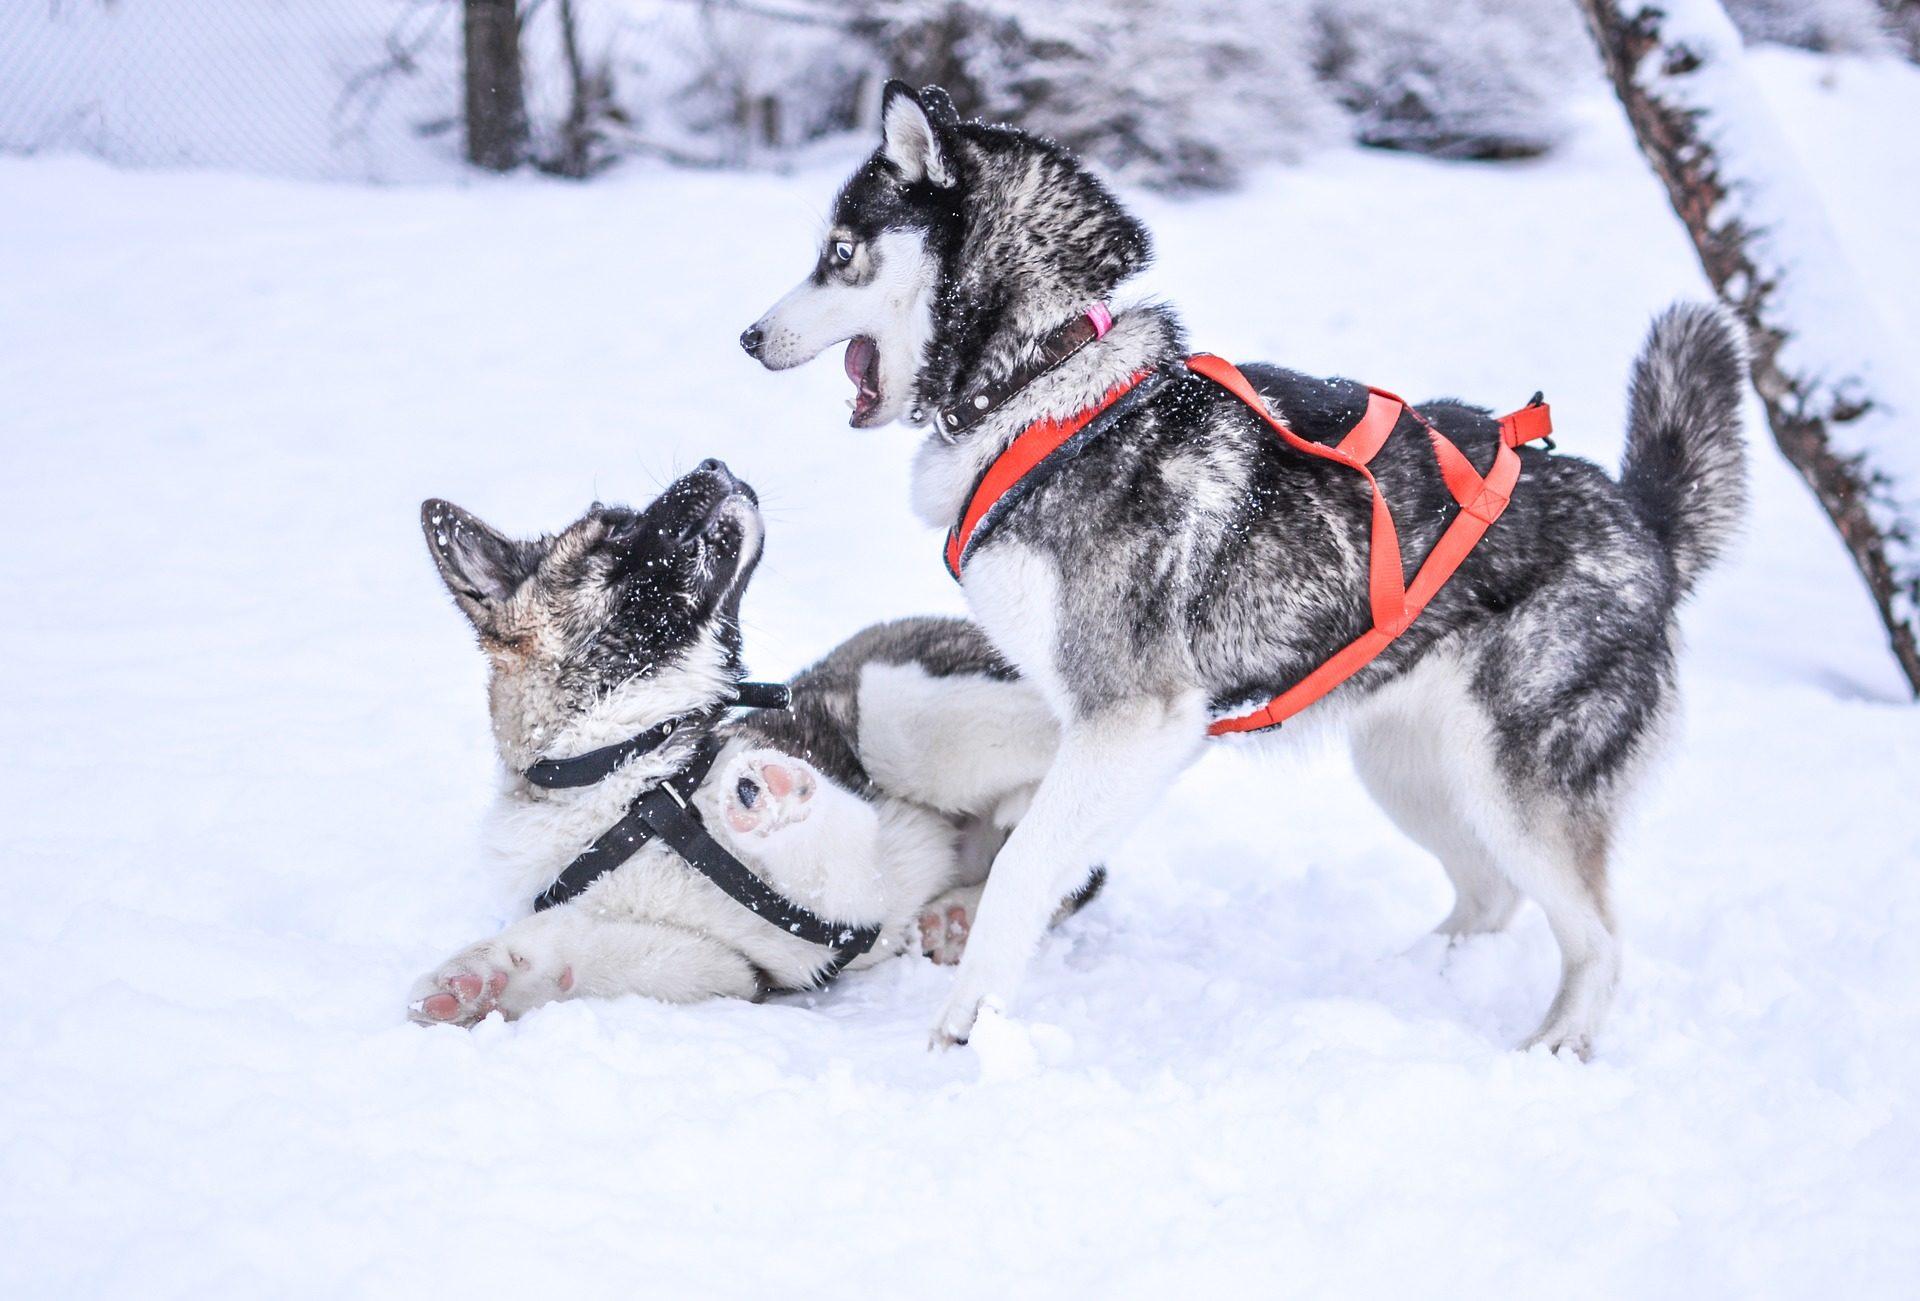 الكلاب, لعبة, الثلج, الإسكيمو, الباردة - خلفيات عالية الدقة - أستاذ falken.com